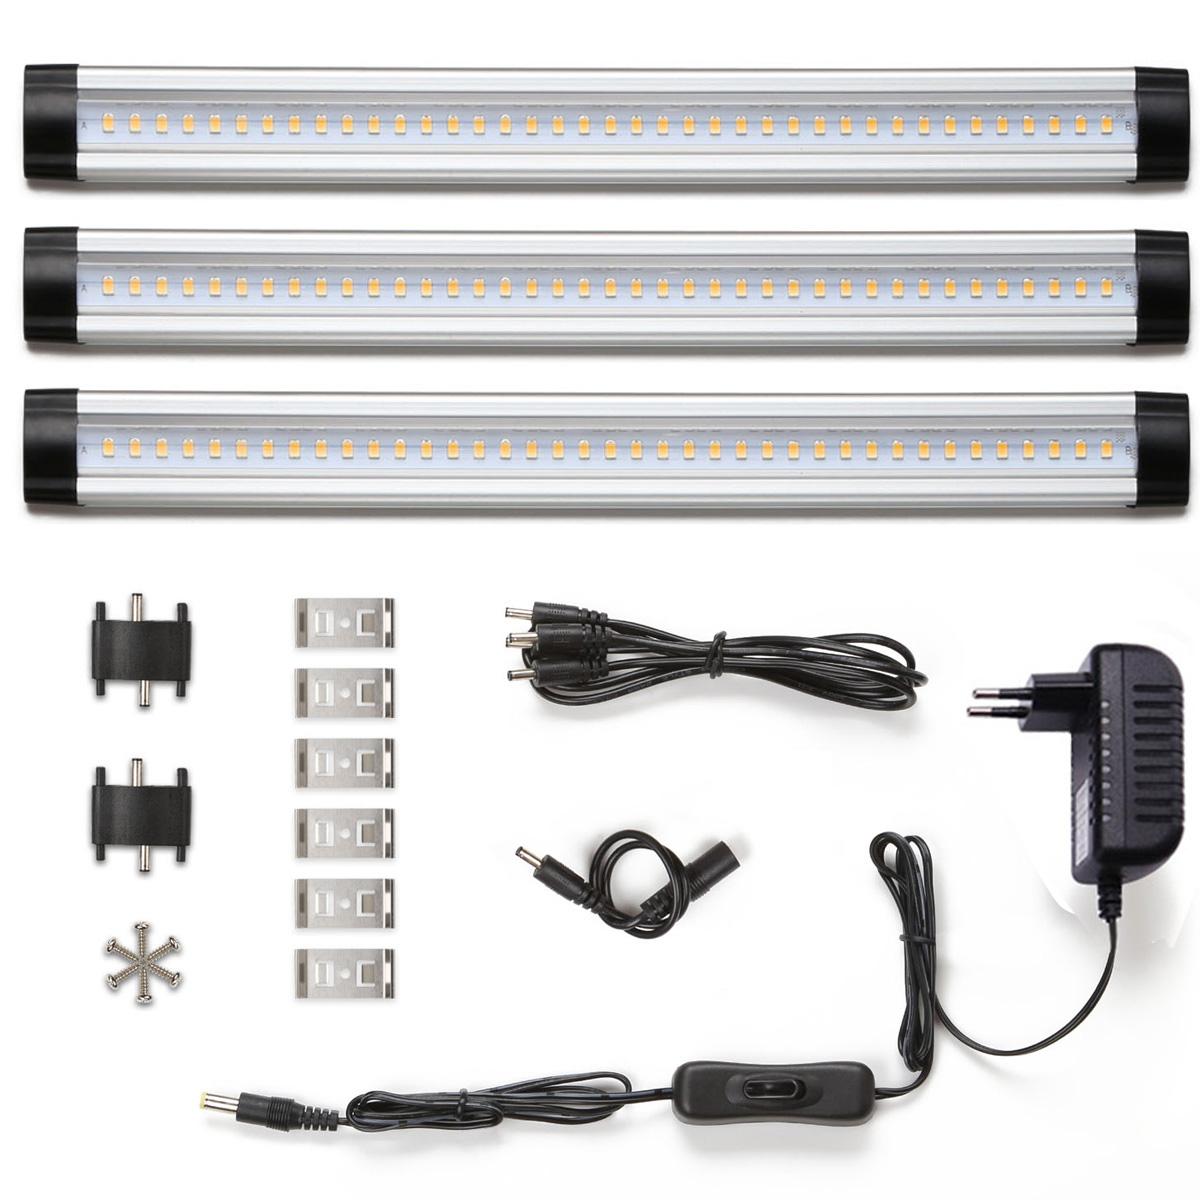 12W LED Unterbauleuchte, Energiesparende Küchenlampen, 3 Panel Deluxe Set, 900lm LED Schrankbeleuchtung mit Stecker, Warmweiß